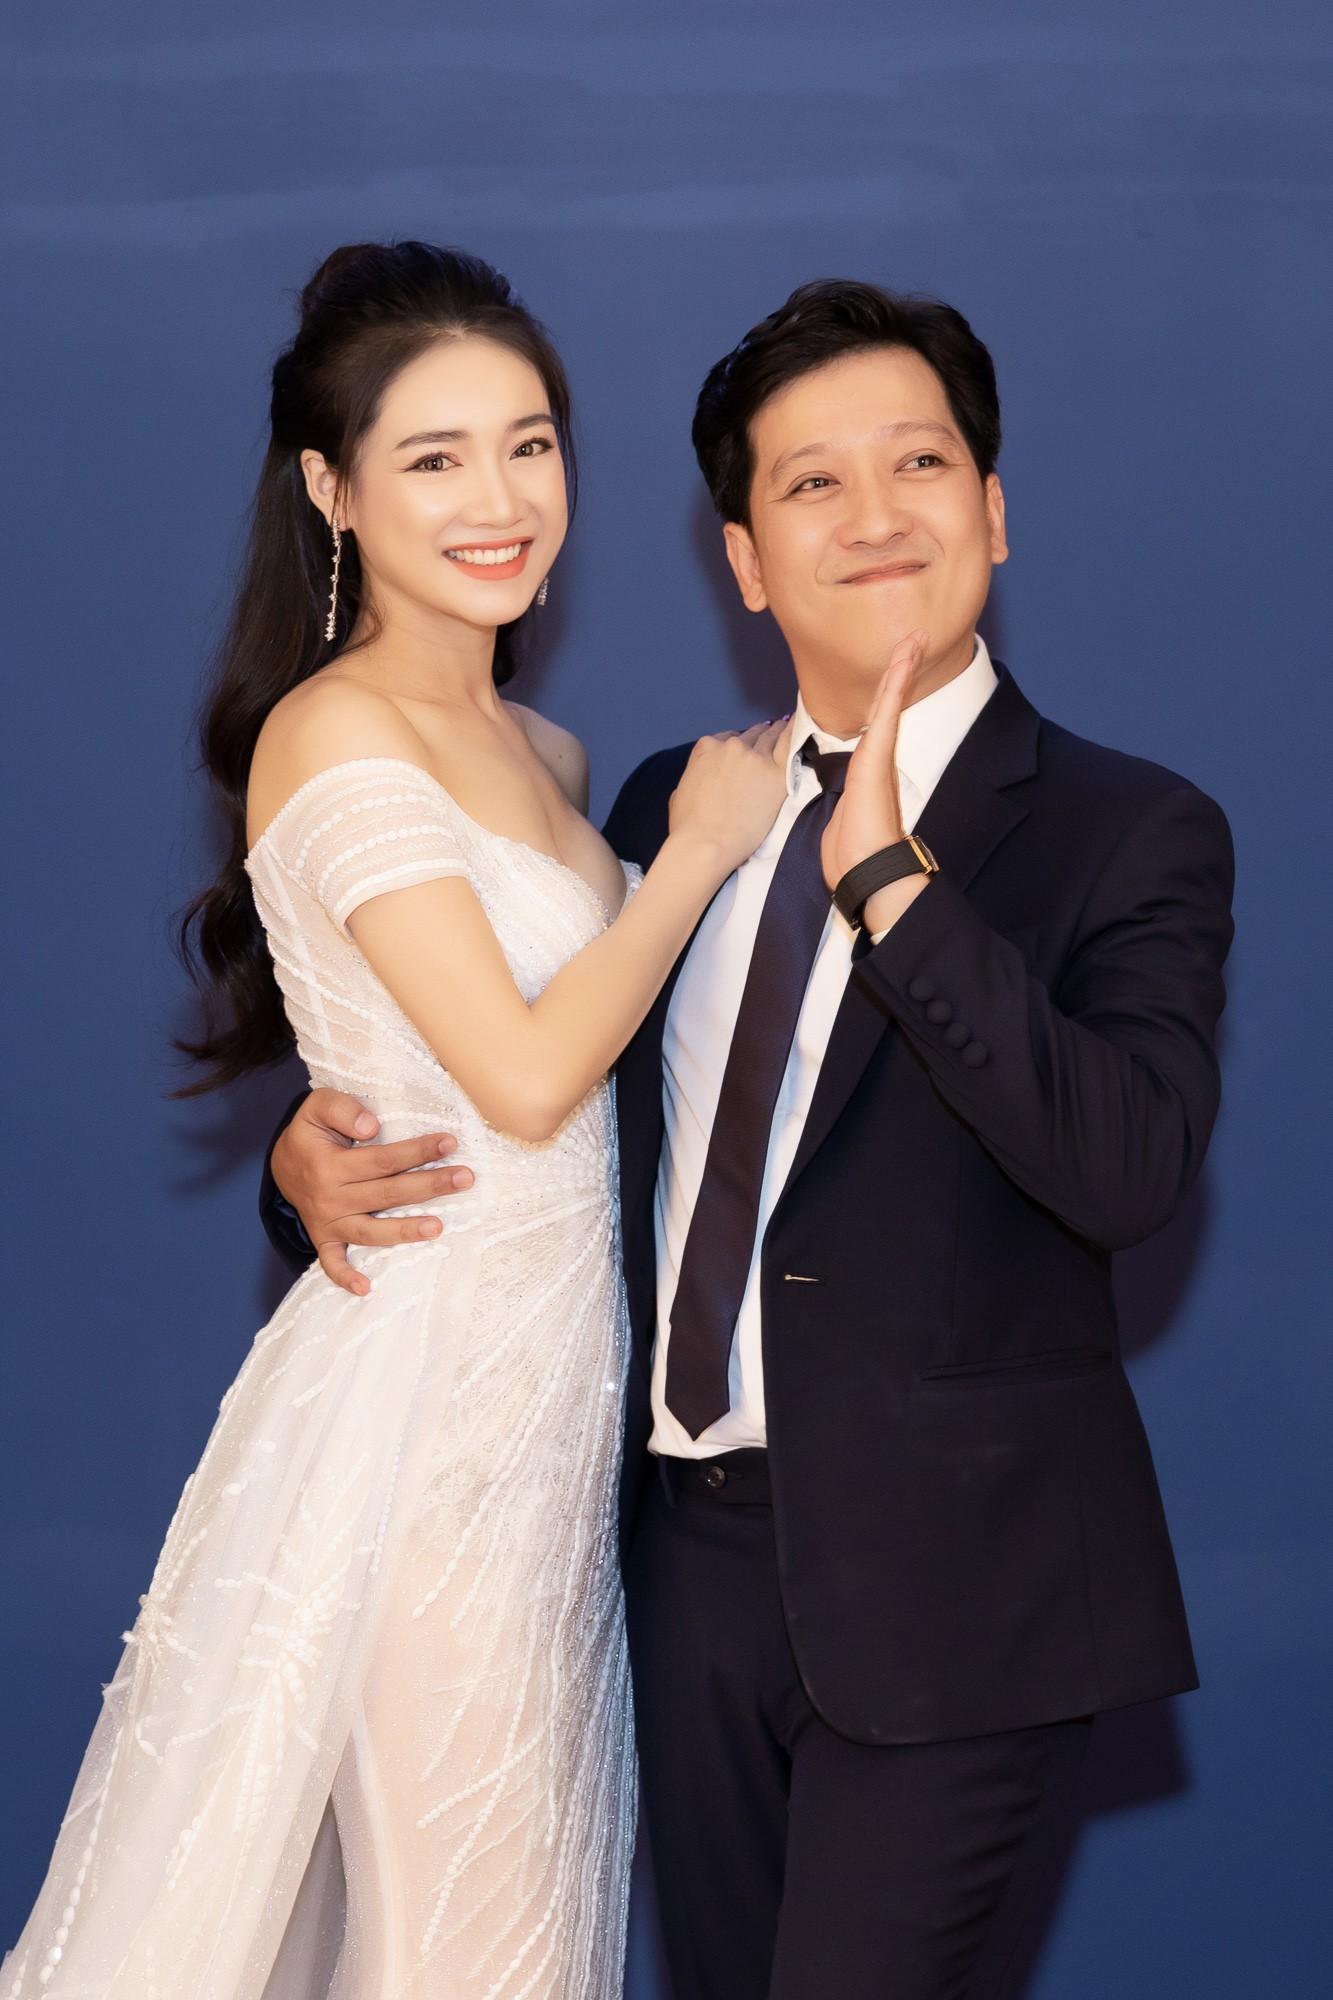 Nhã Phương - Trường Giang tay đan tay, lần đầu lộ diện cùng nhau sau nửa năm tổ chức đám cưới - Ảnh 3.